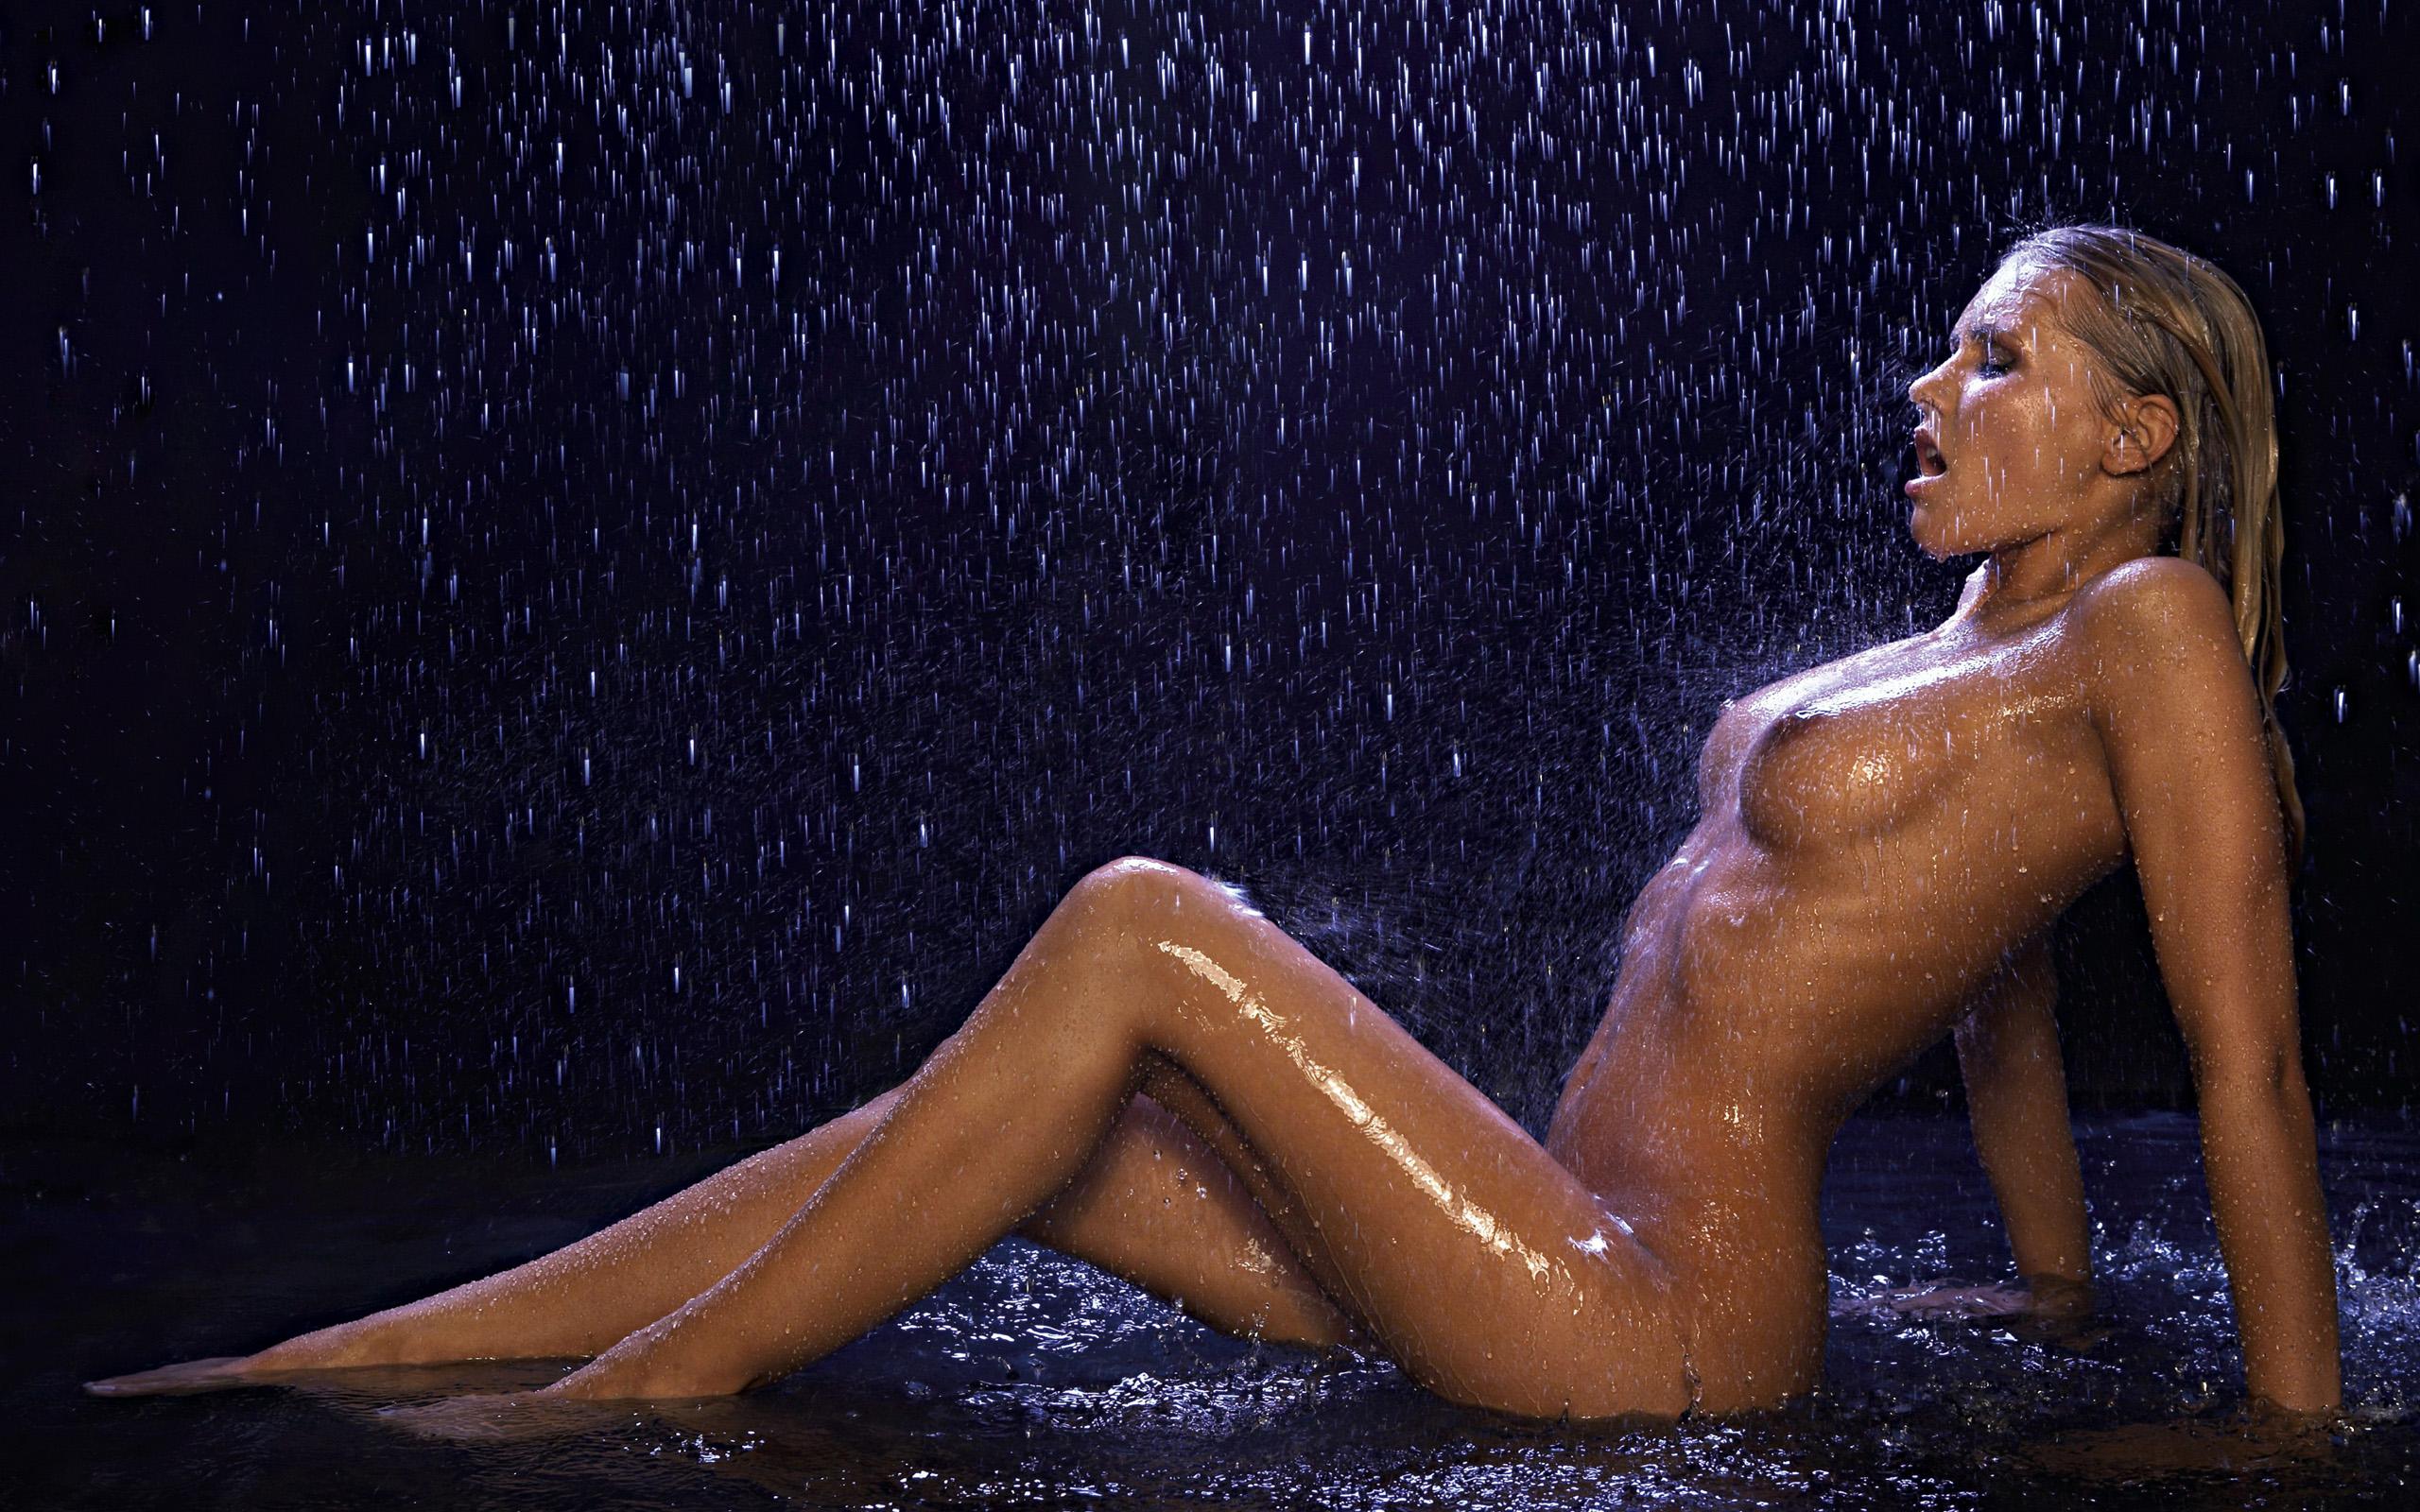 этого очень красивые голые телки под дождем раз убеждаюсь